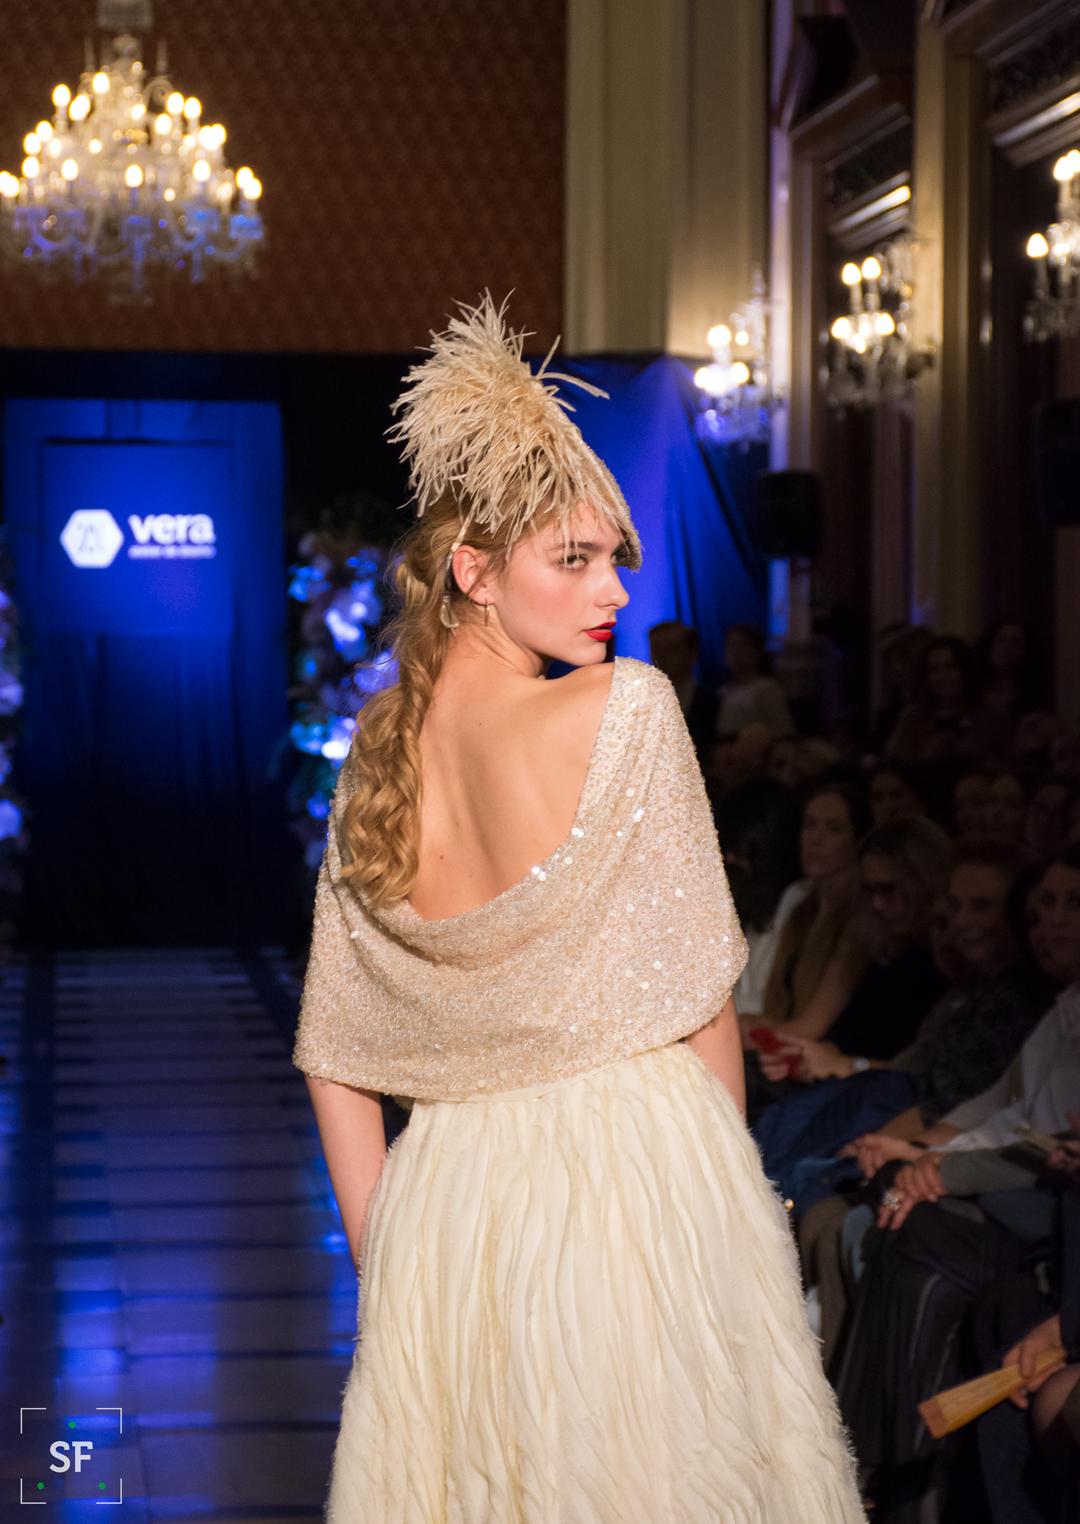 moda-fotógrafo-valencia-desfile-modelo-glamour-fashion-sanchofotografia-vestidos-modavalencia-ruzafa-beauty-novia-trajedenovia-veraatelier